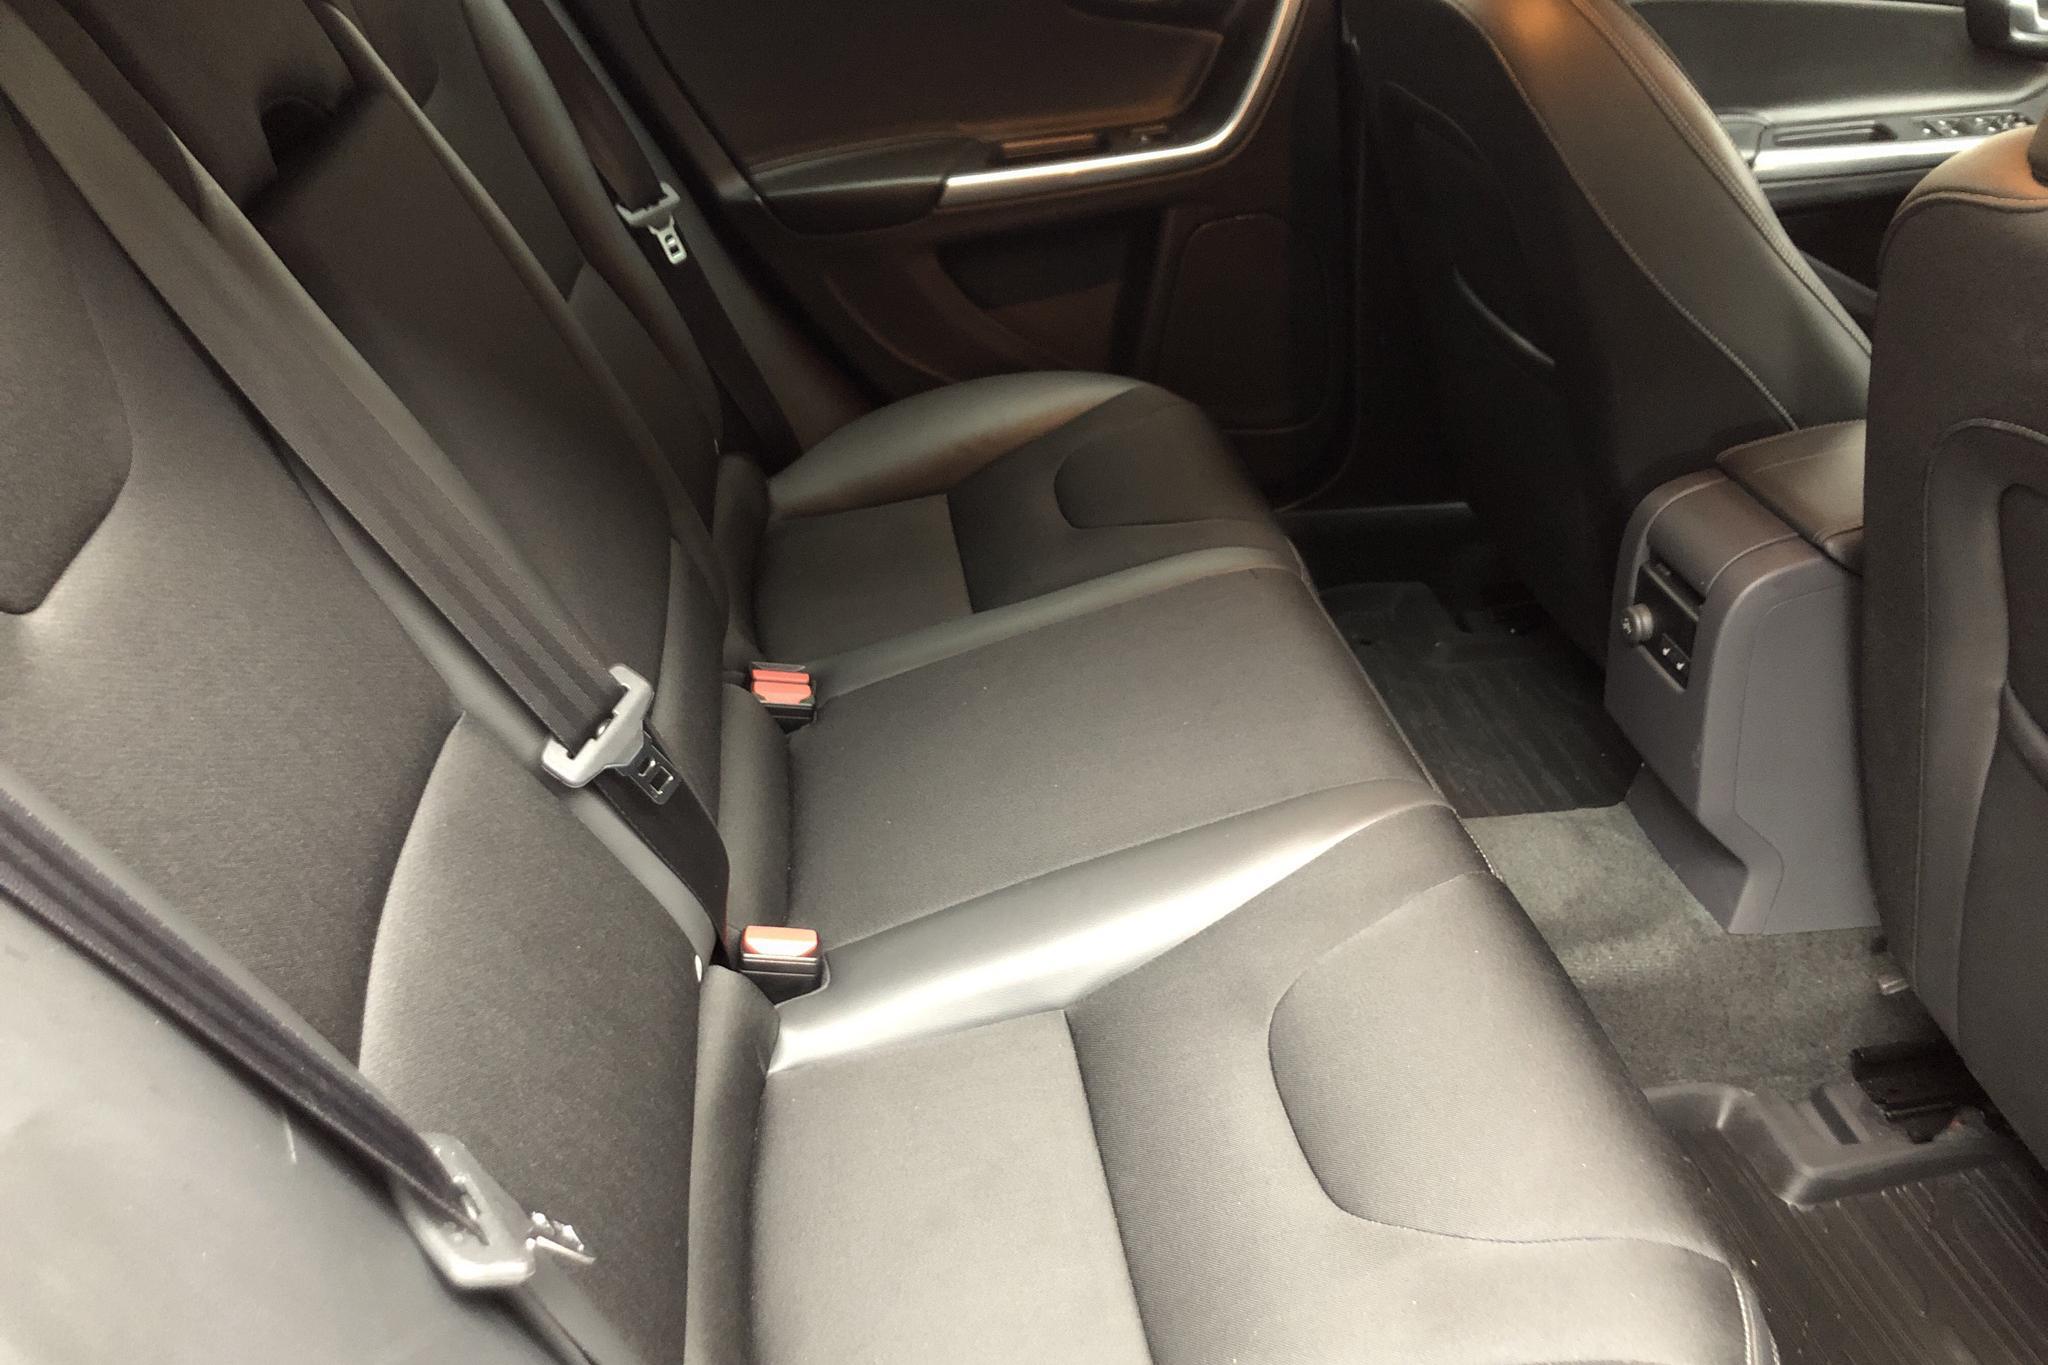 Volvo V60 D4 Cross Country (190hk) - 58 190 km - Manual - red - 2018